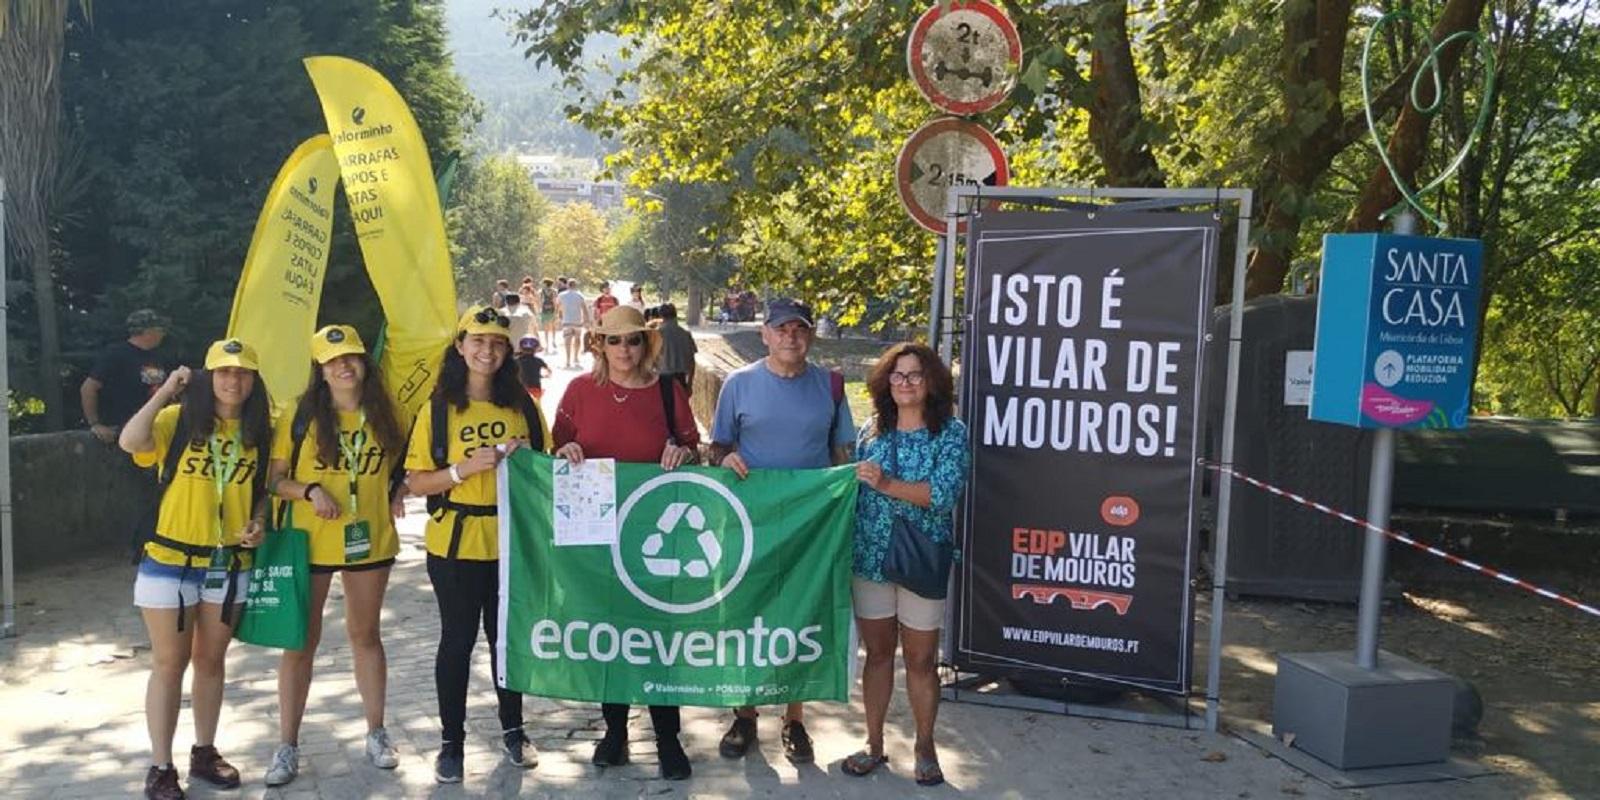 Valorminho recolhe 4,5 toneladas de resíduos recicláveis no Festival de Vilar de Mouros